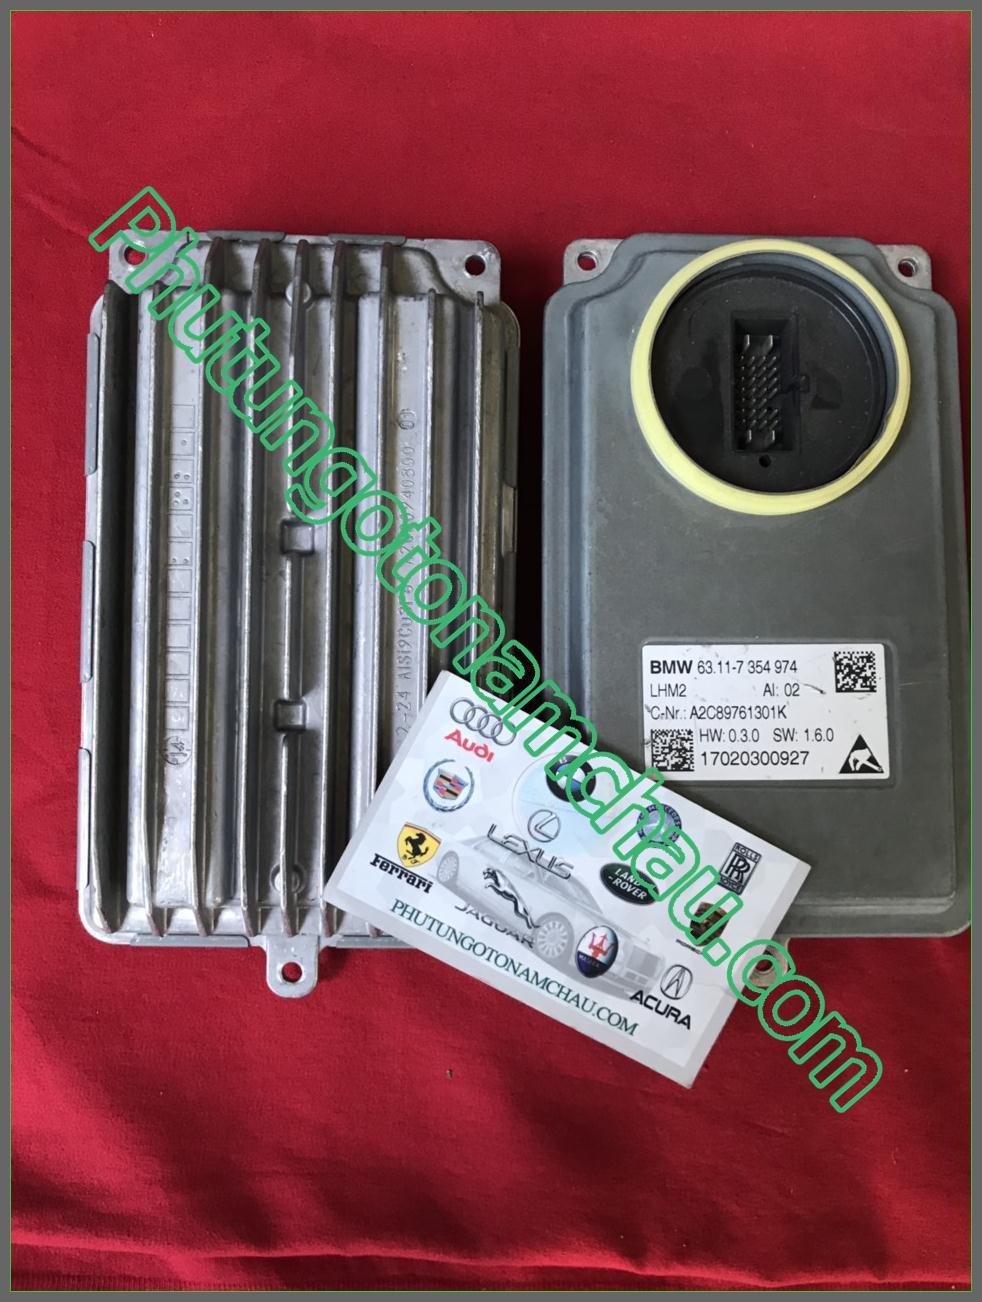 Hộp Ballast đèn Pha BMW Serri 7 RR Ghost 63117354974